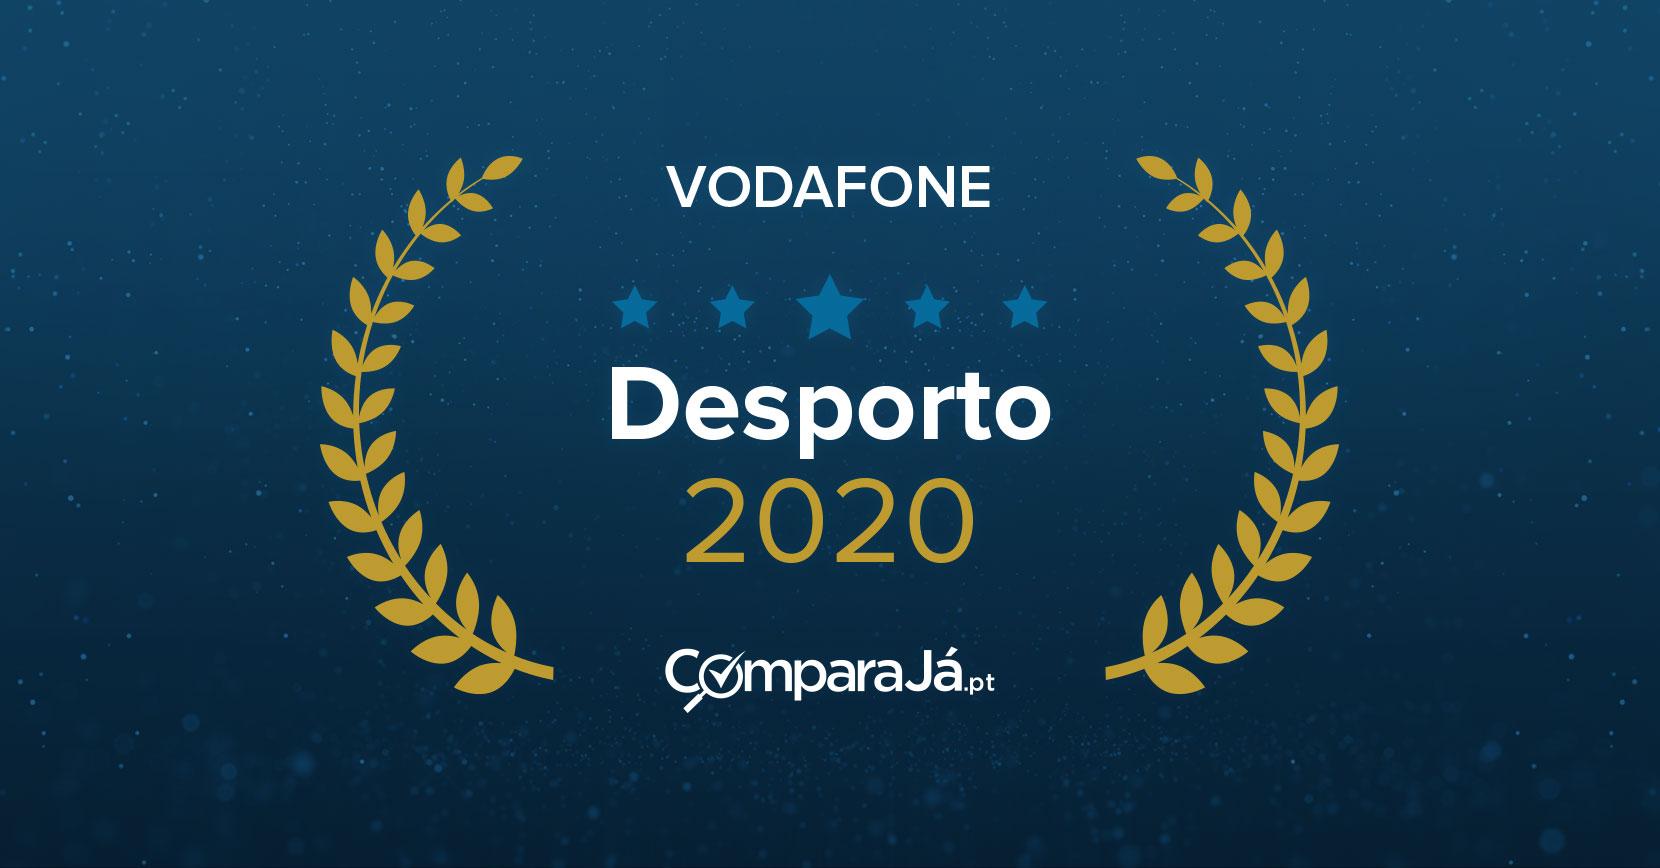 Melhor pacote para fãs de desporto 2020_Vodafone